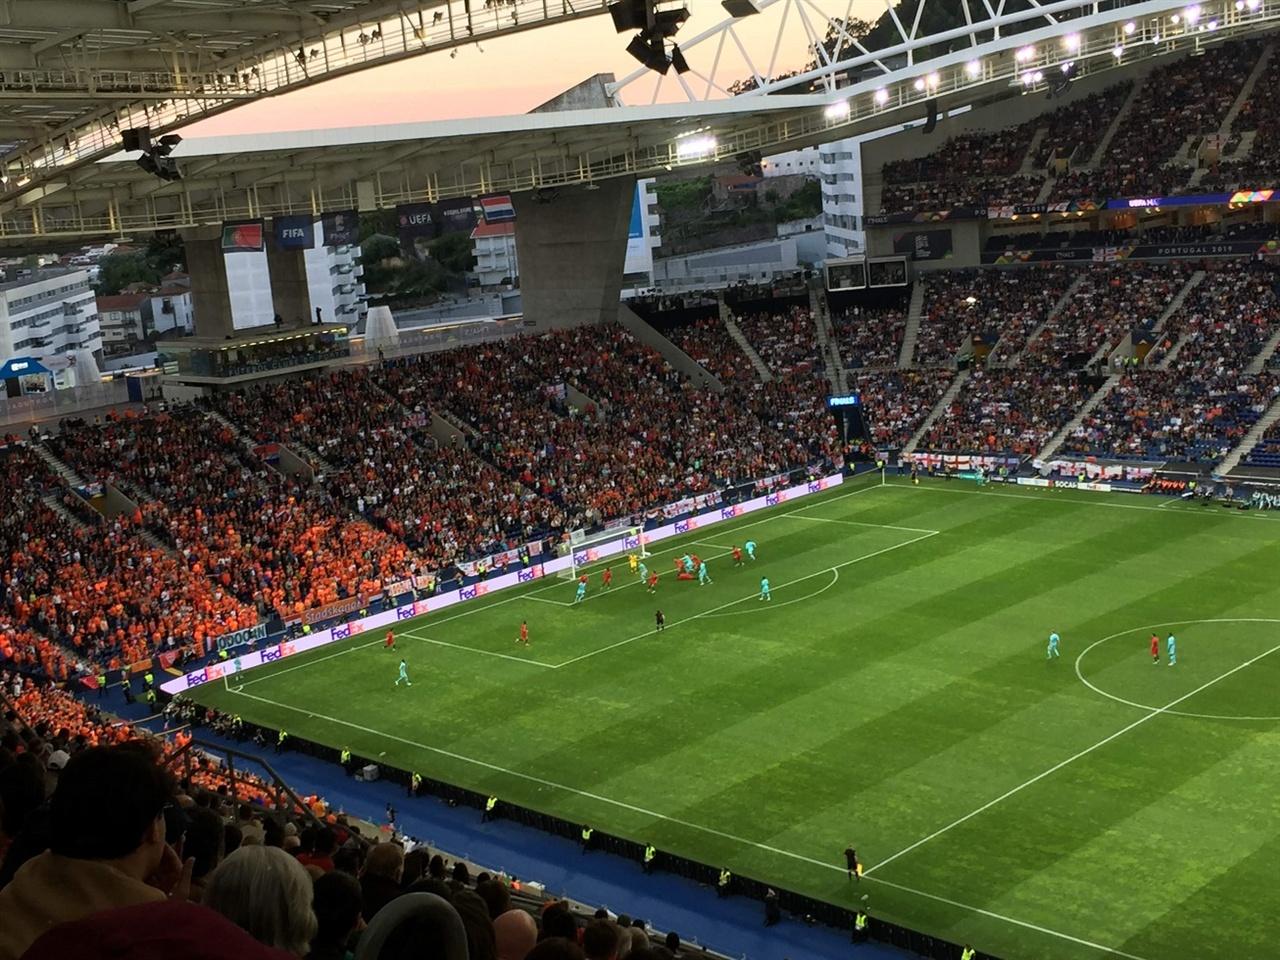 원정팀 응원석에 집중해 주세요.  렌지색 유니폼을 입은 네덜란드 응원단 옆으로, 거의 다 포르투갈 응원단이 자리를 차지하고 있었어요. 그런데, 여기저기 붙어있는 잉글랜드 깃발, 찾으셨나요? 한두 개가 아니었어요. 원정팀 응원석을 뒤덮다시피 했더라고요.